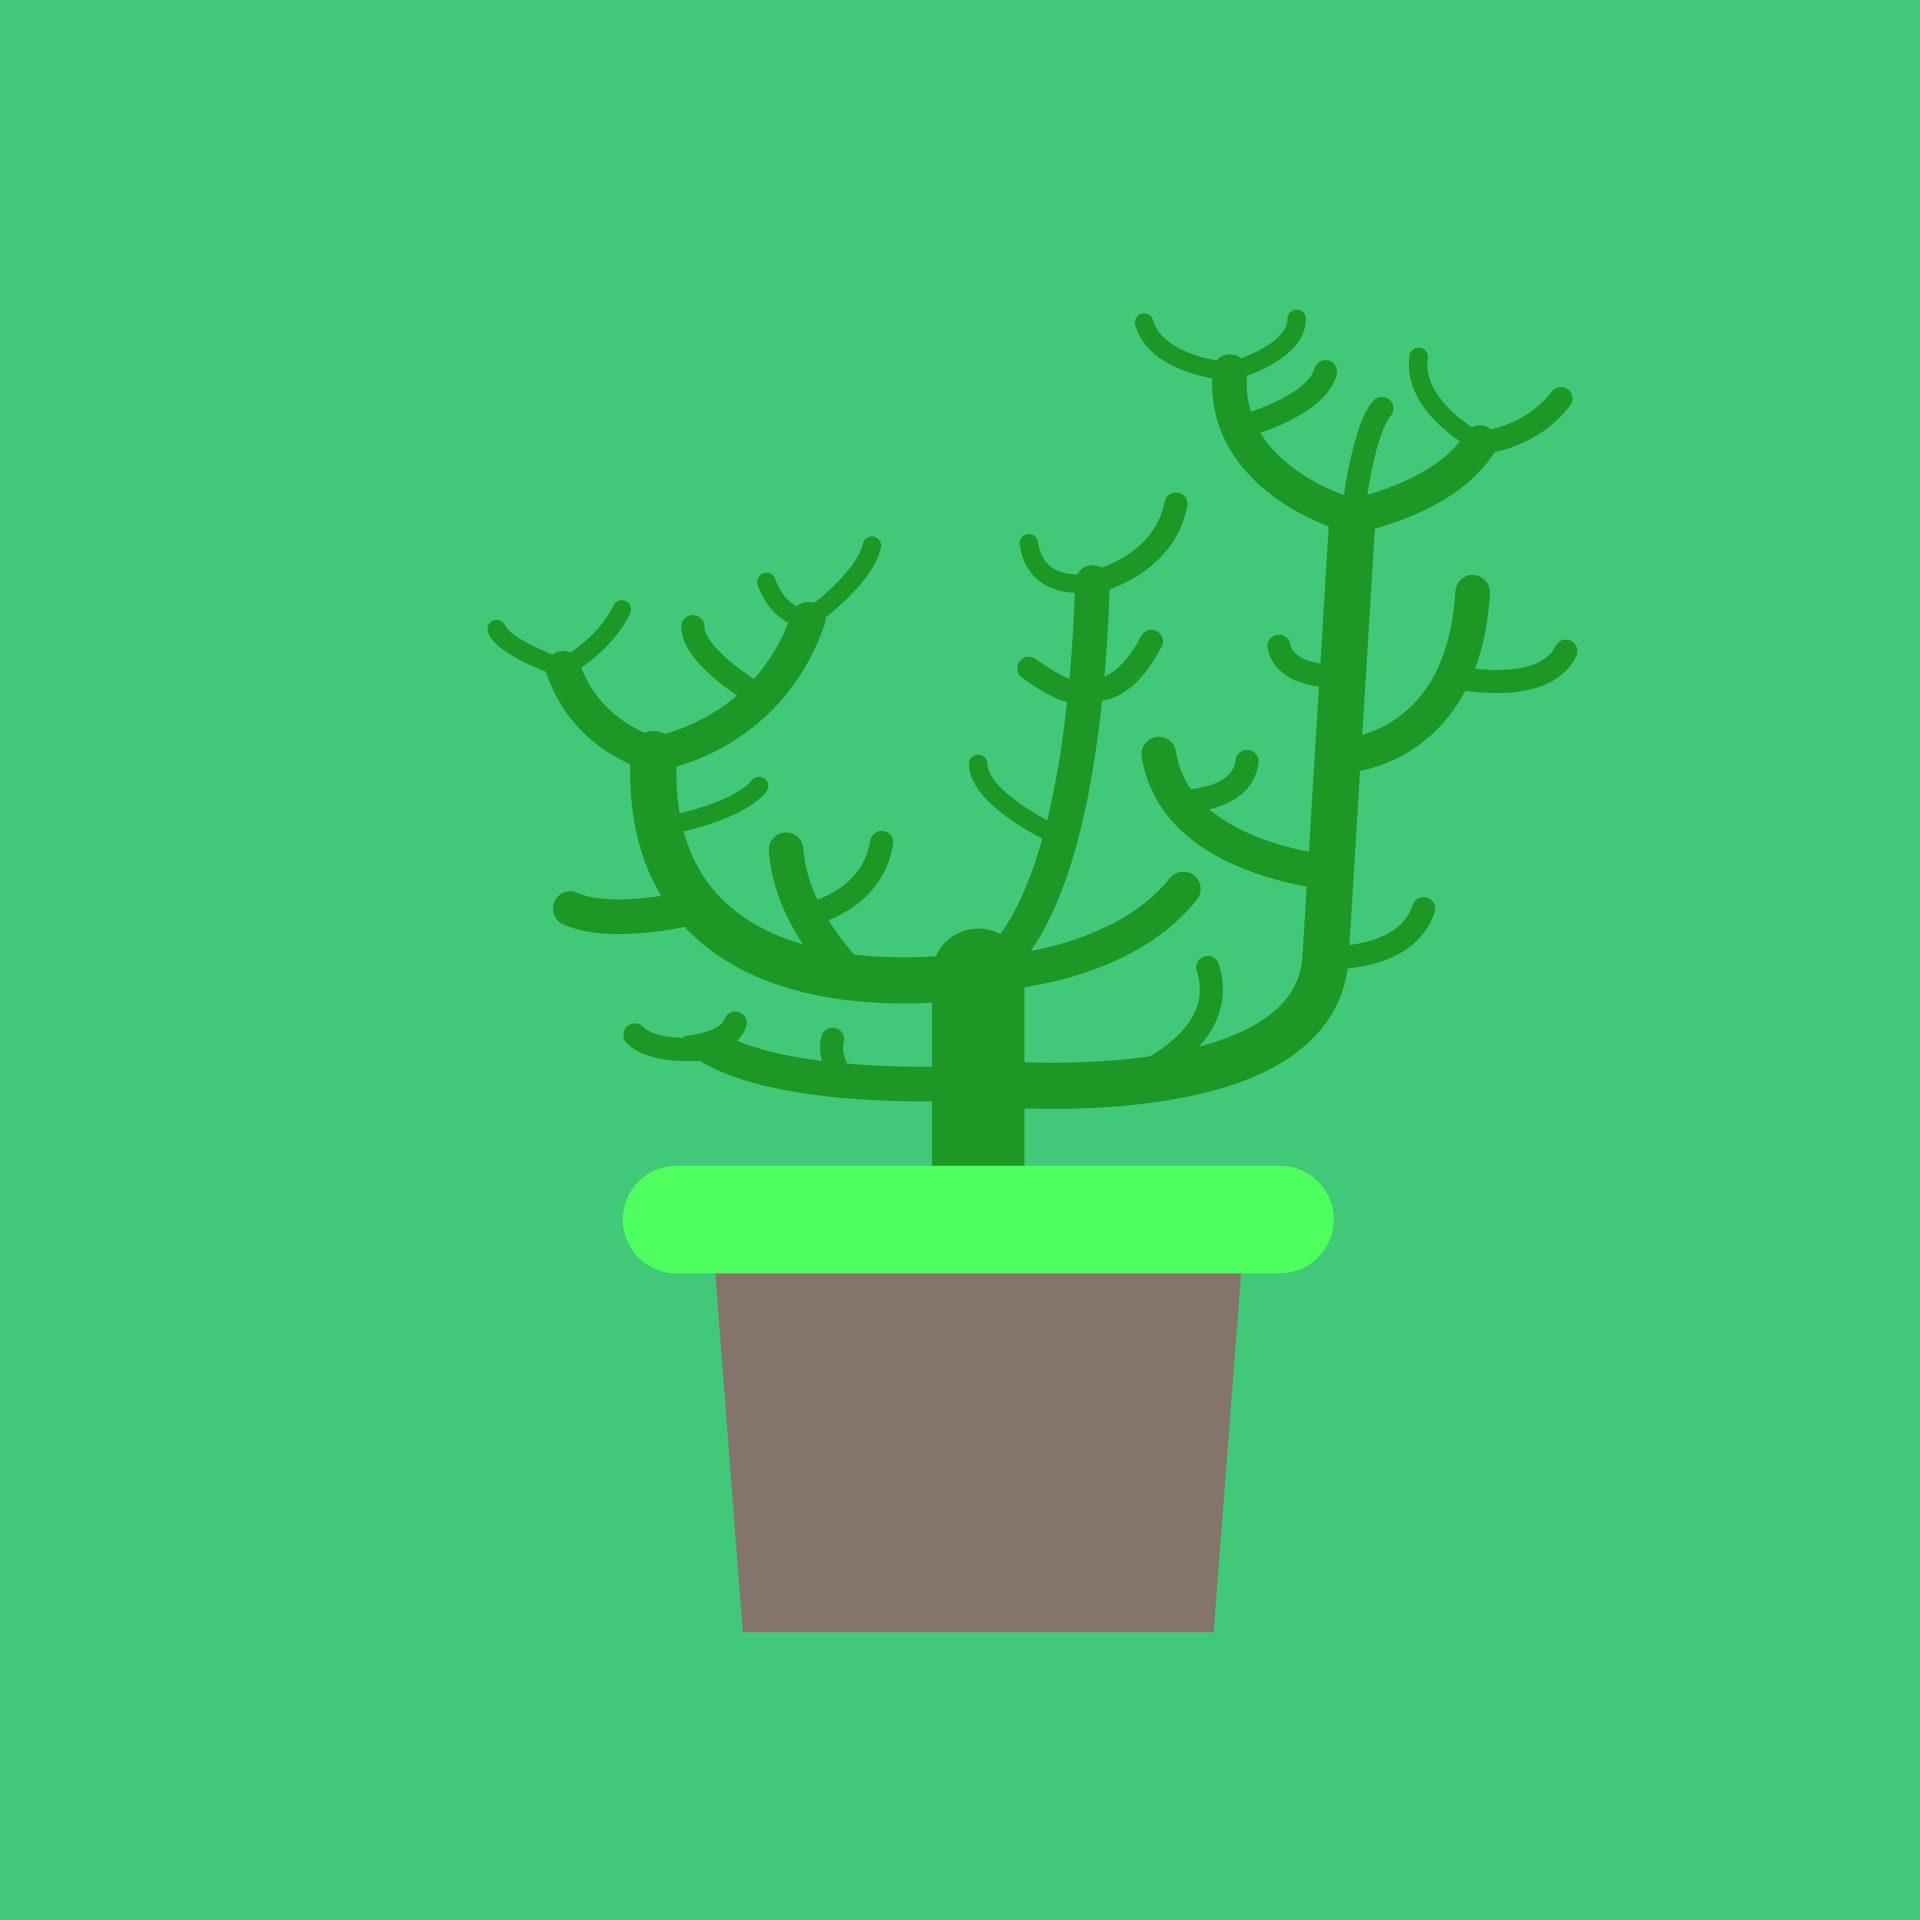 1 階, maceta, cactus, グリーン, marrón - HD の壁紙 - 教授-falken.com